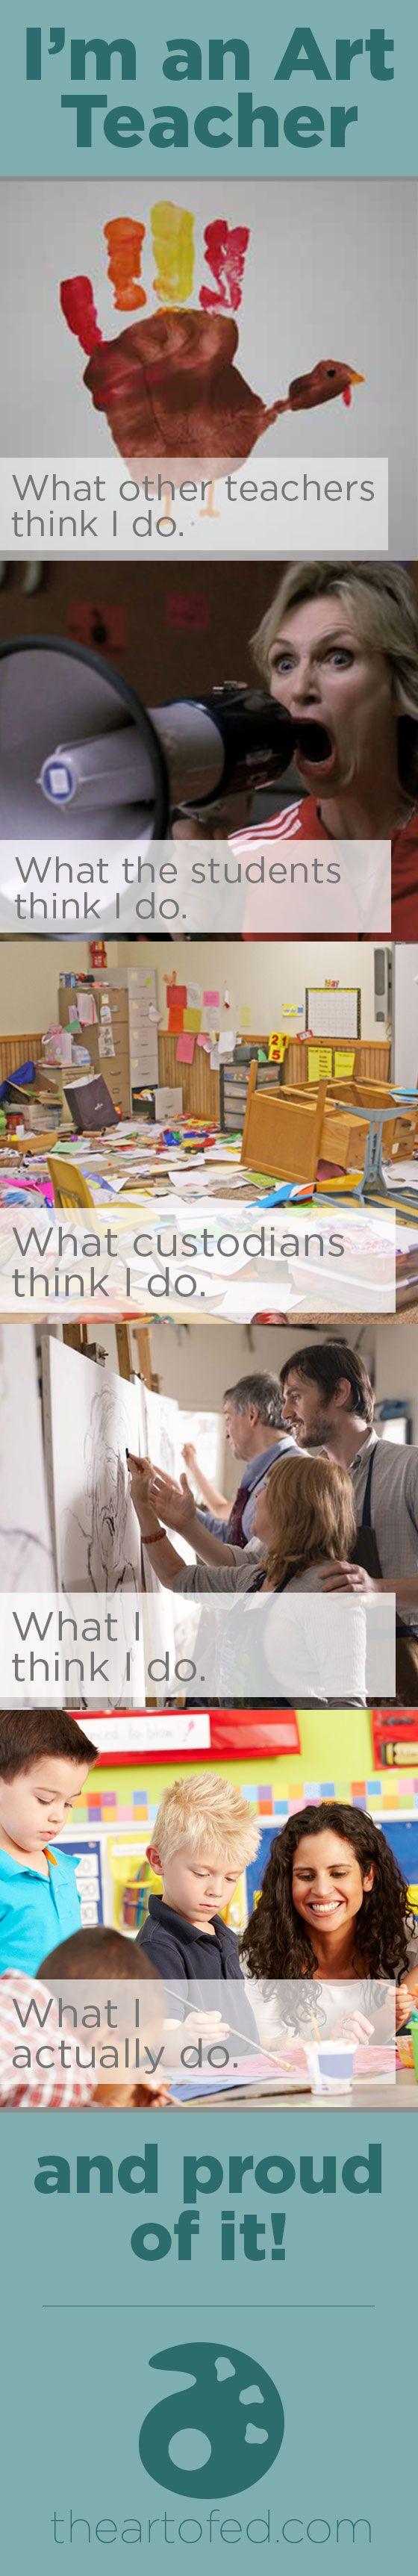 I'm an Art Teacher – and Proud of it!